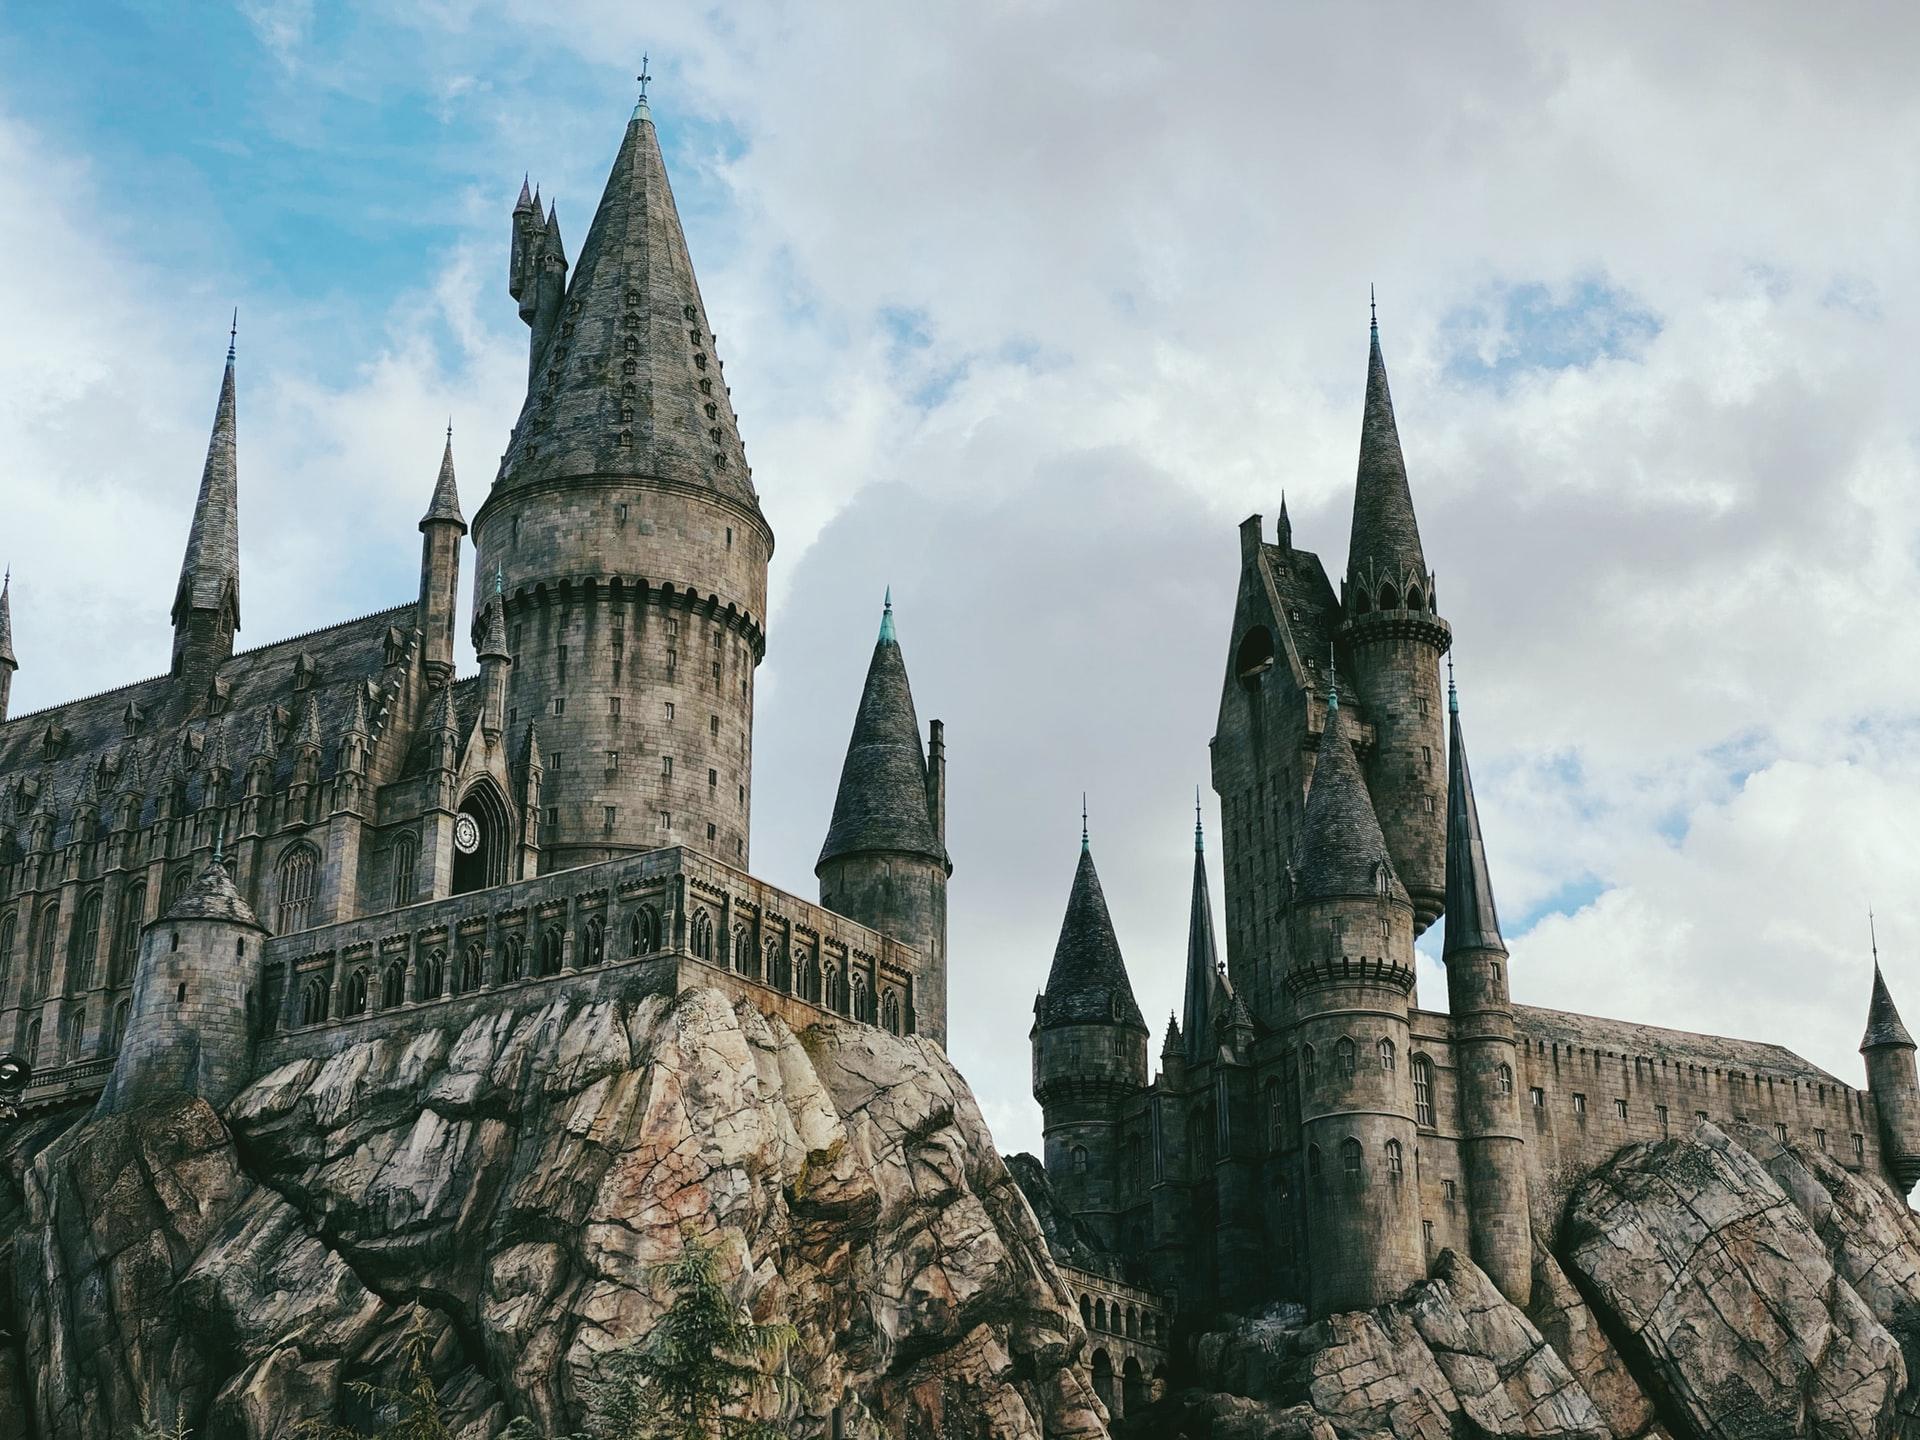 il castello di harry potter dove si trova